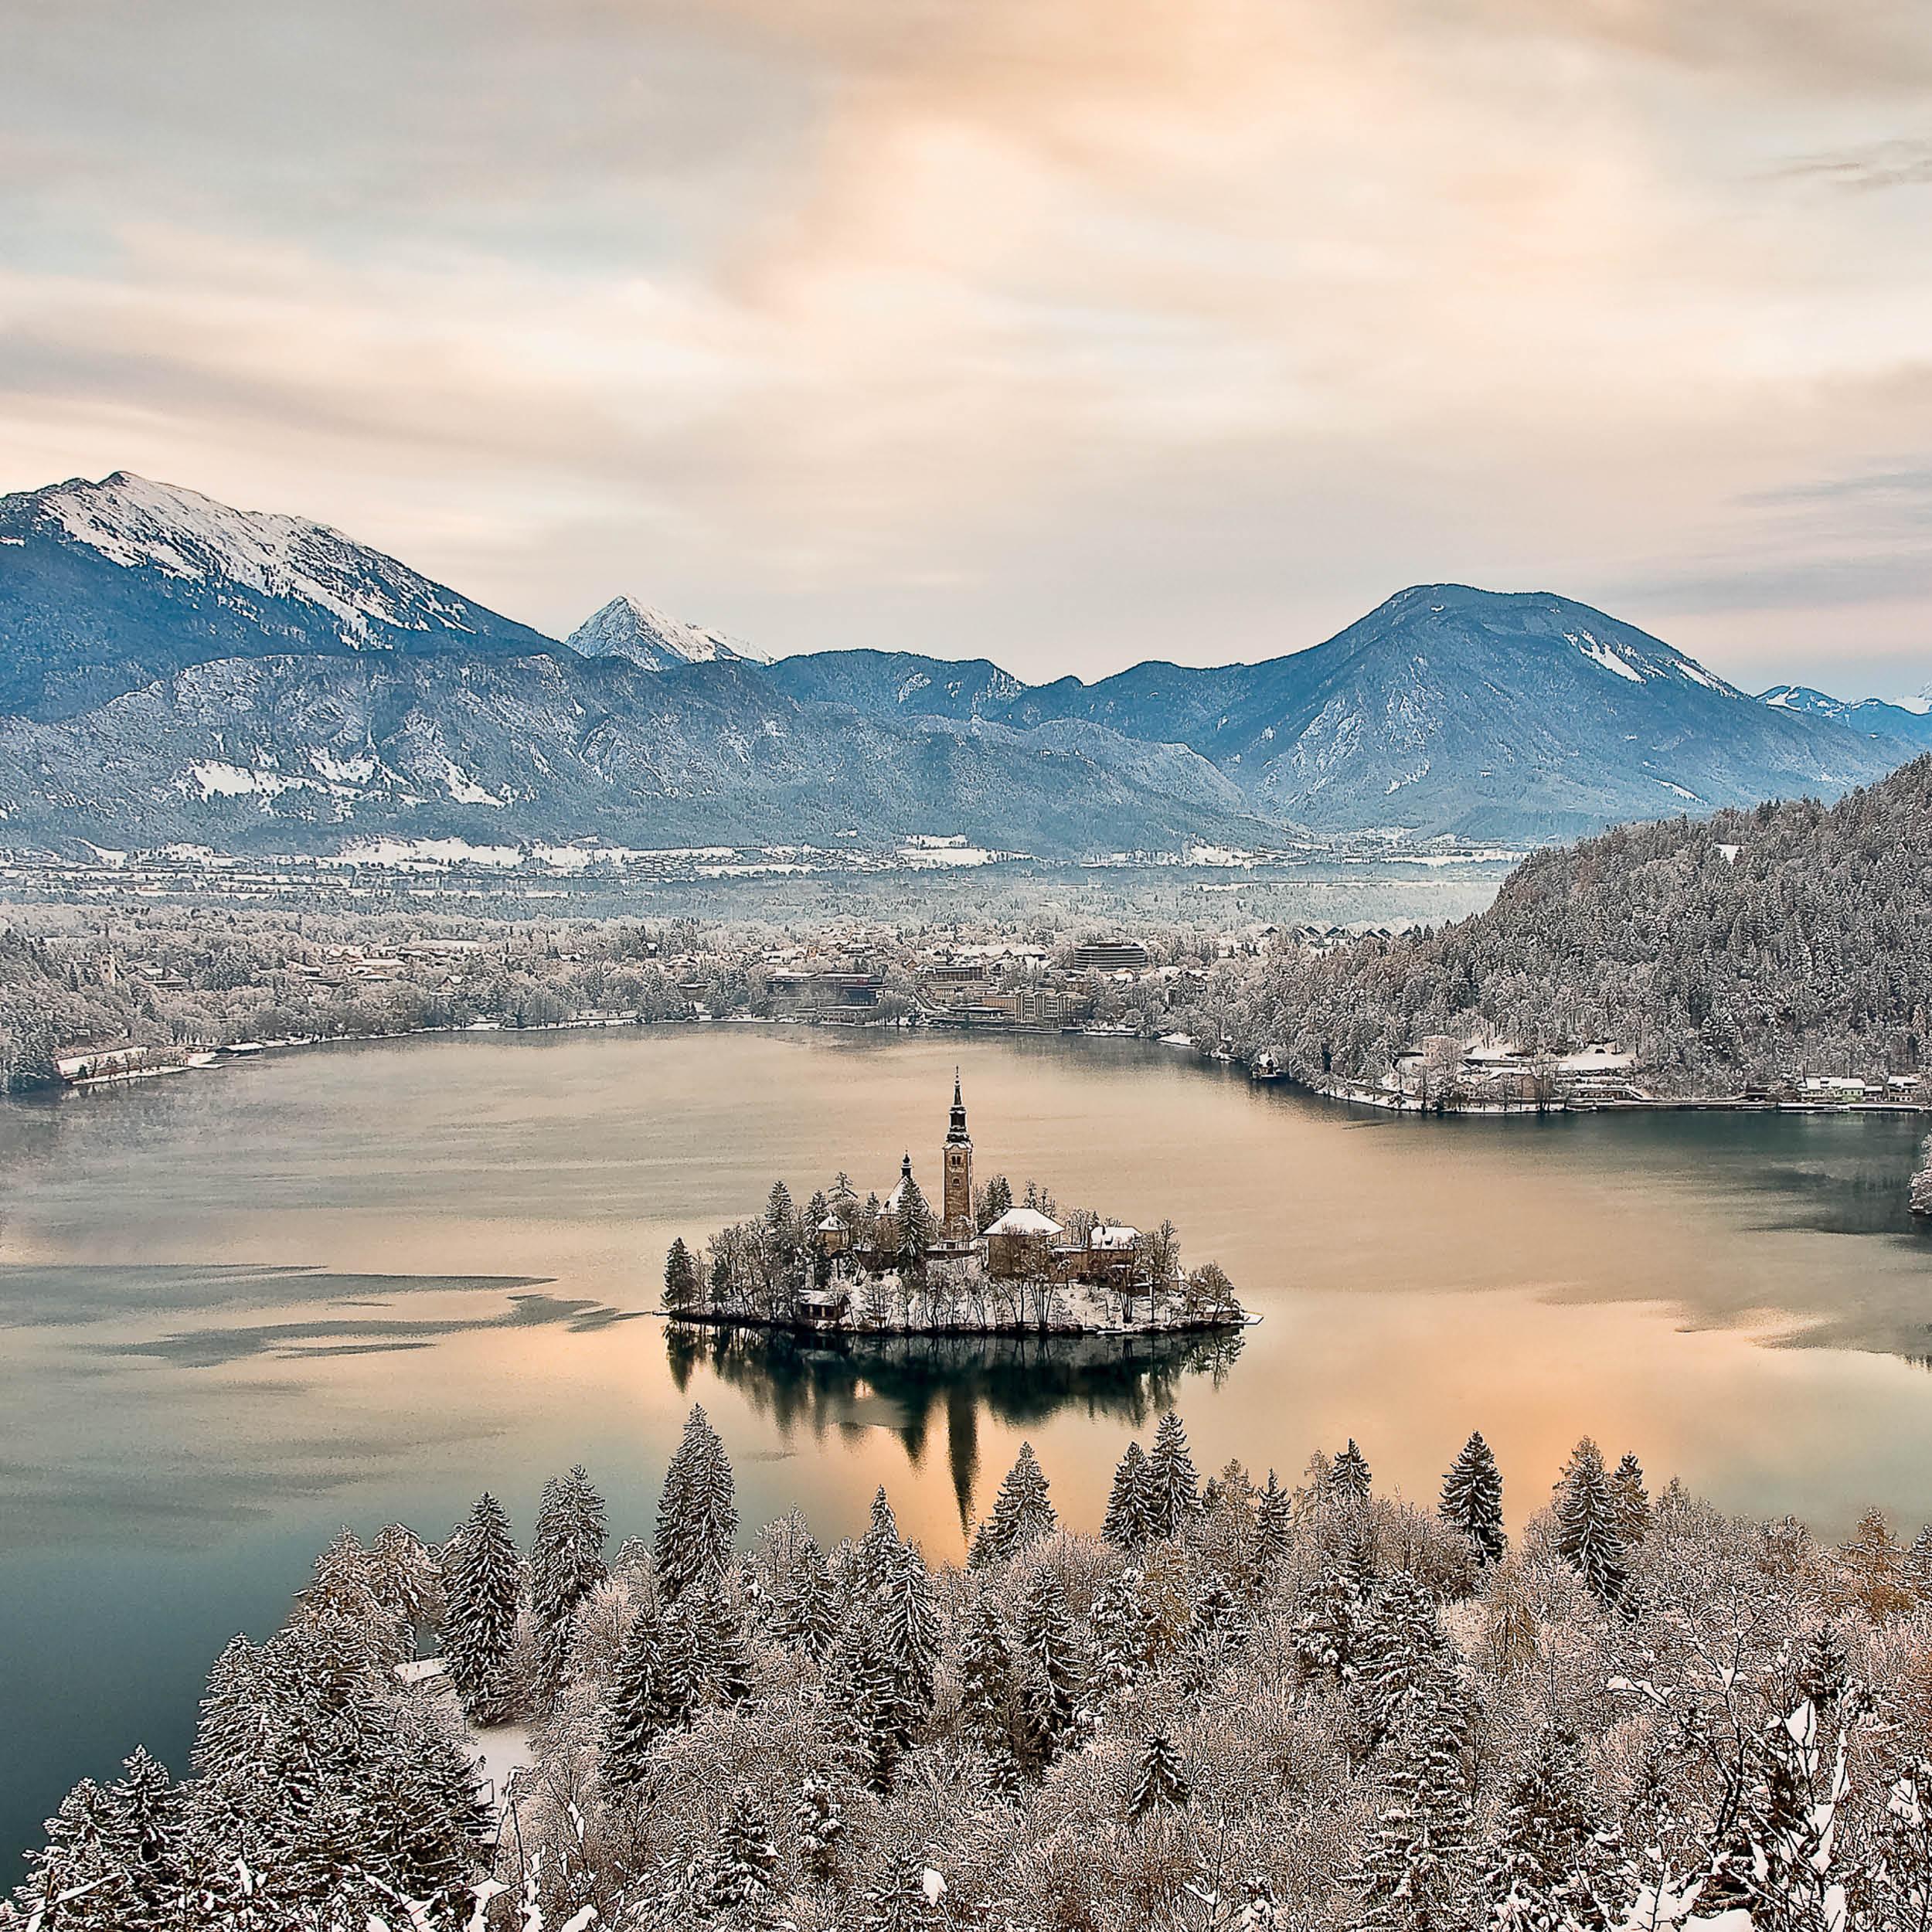 Costruiti nelle Alpi - Bled